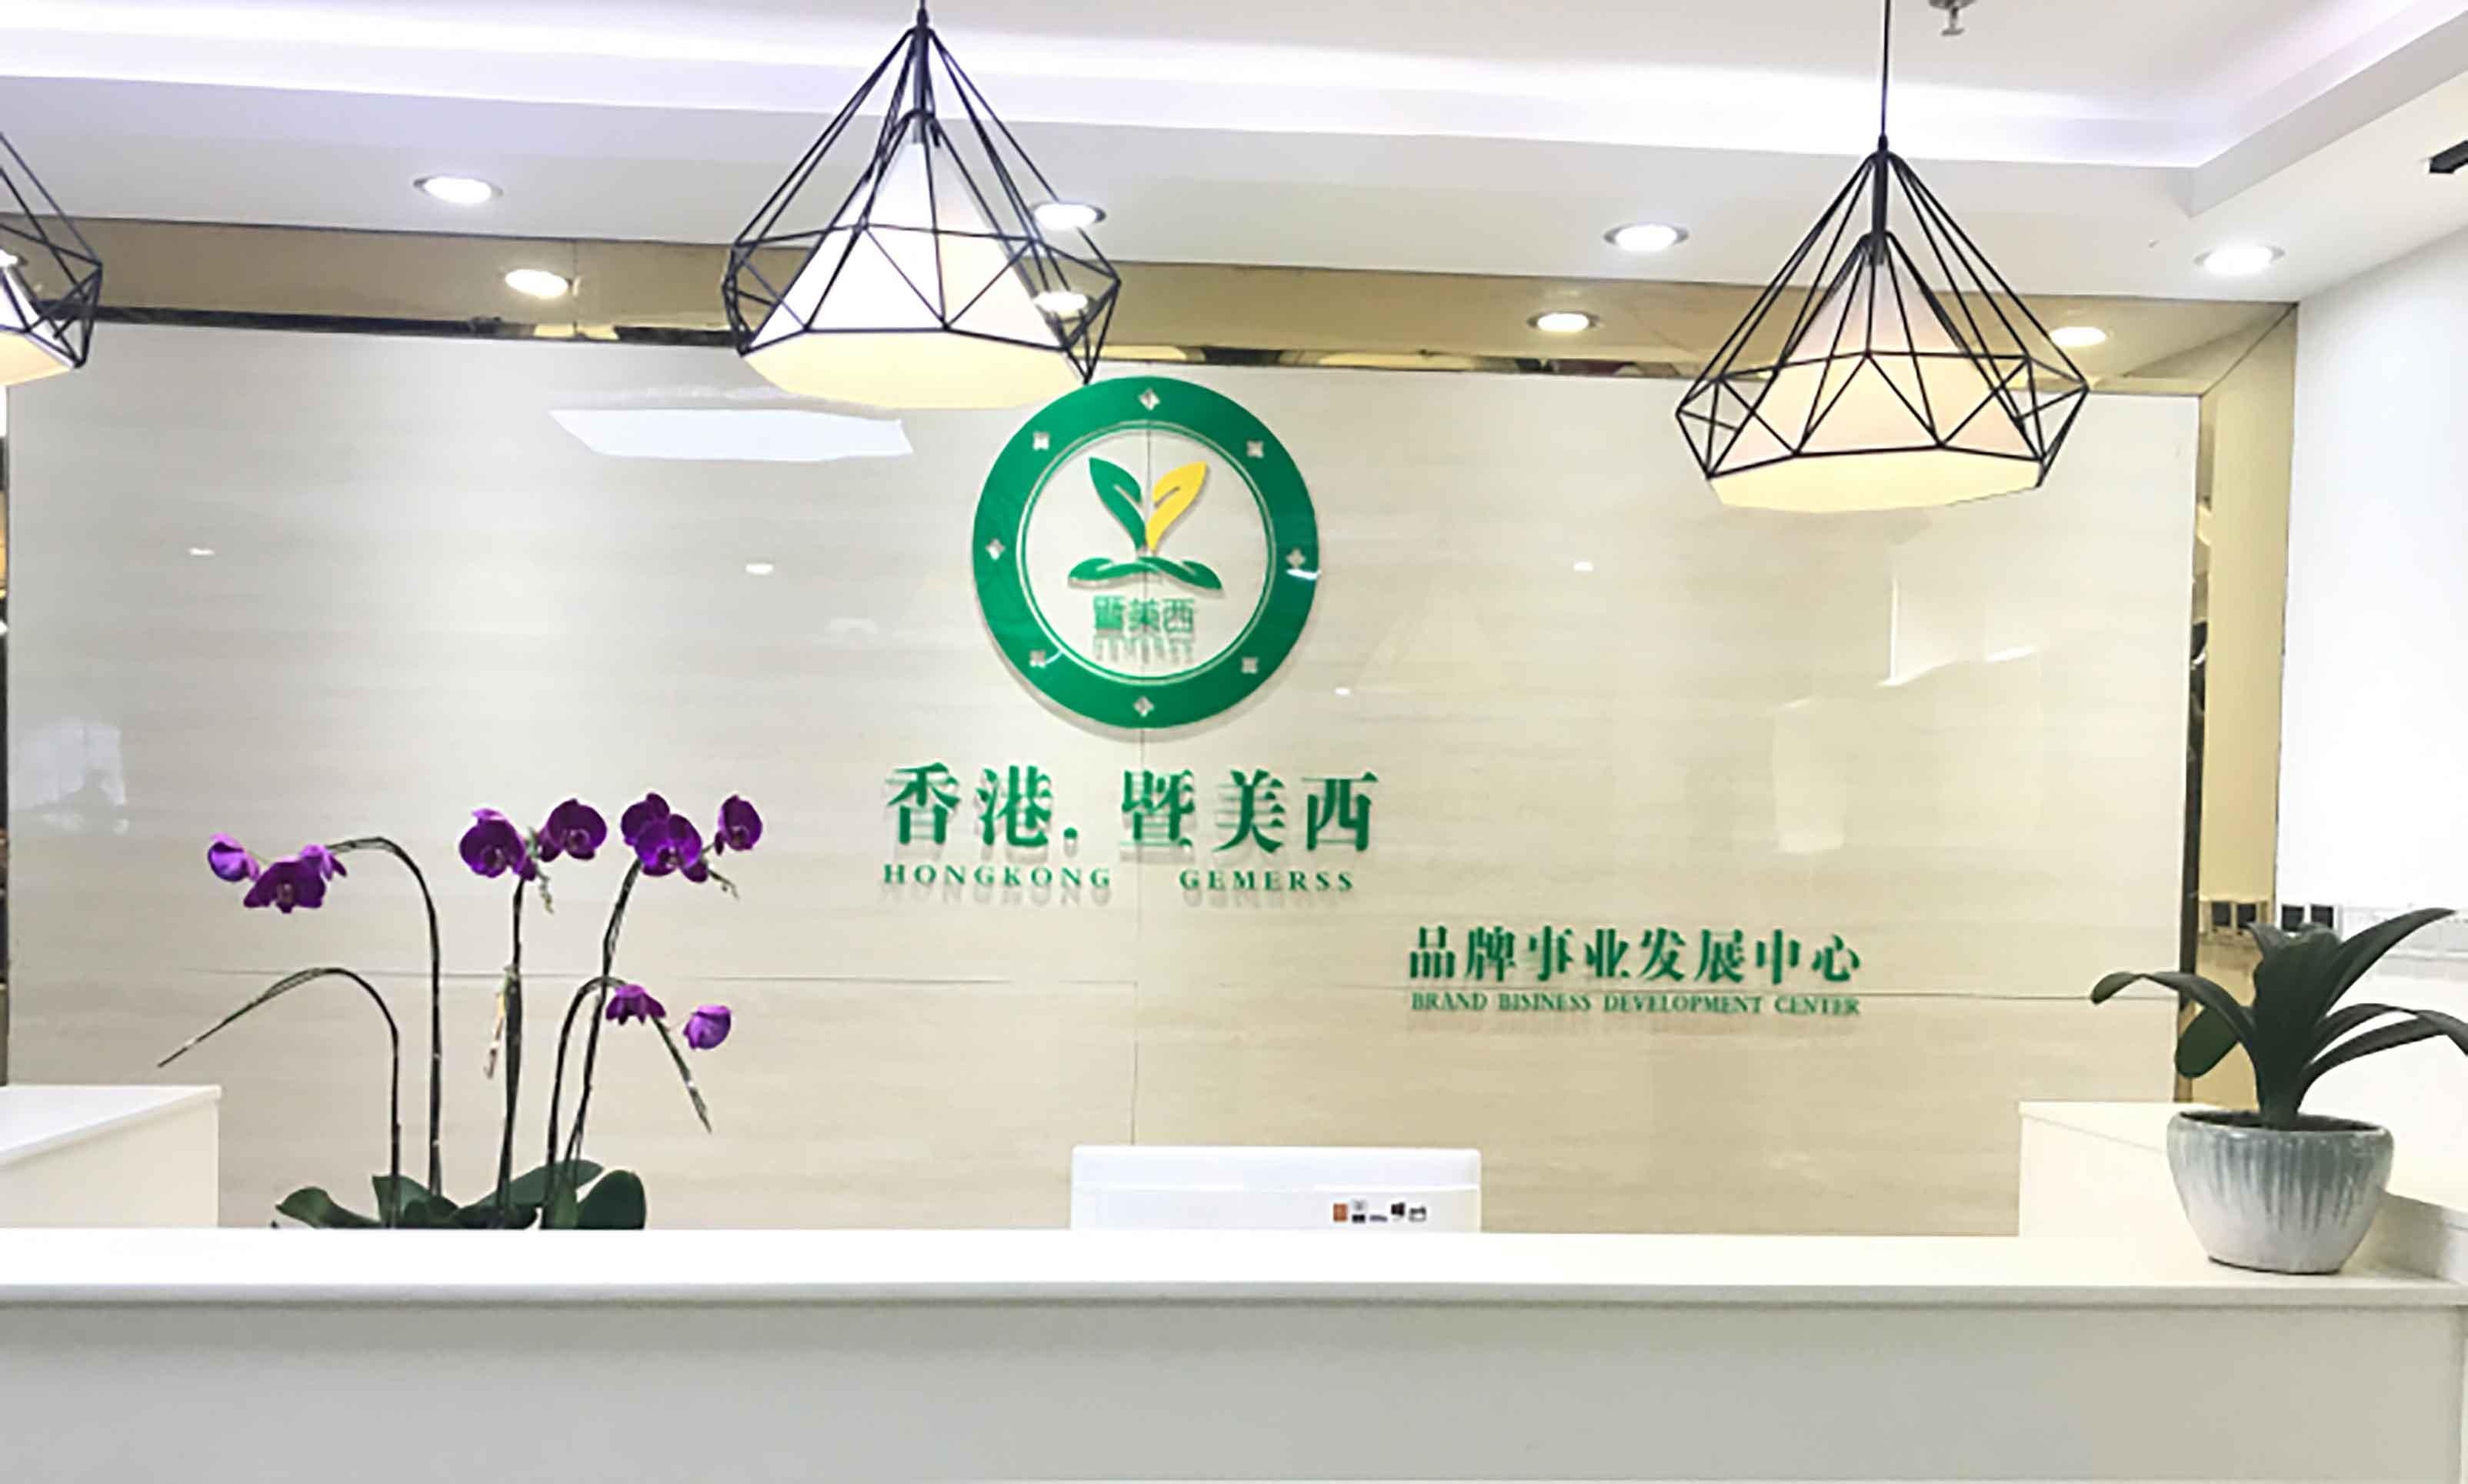 廣州暨美西生物科技有限公司